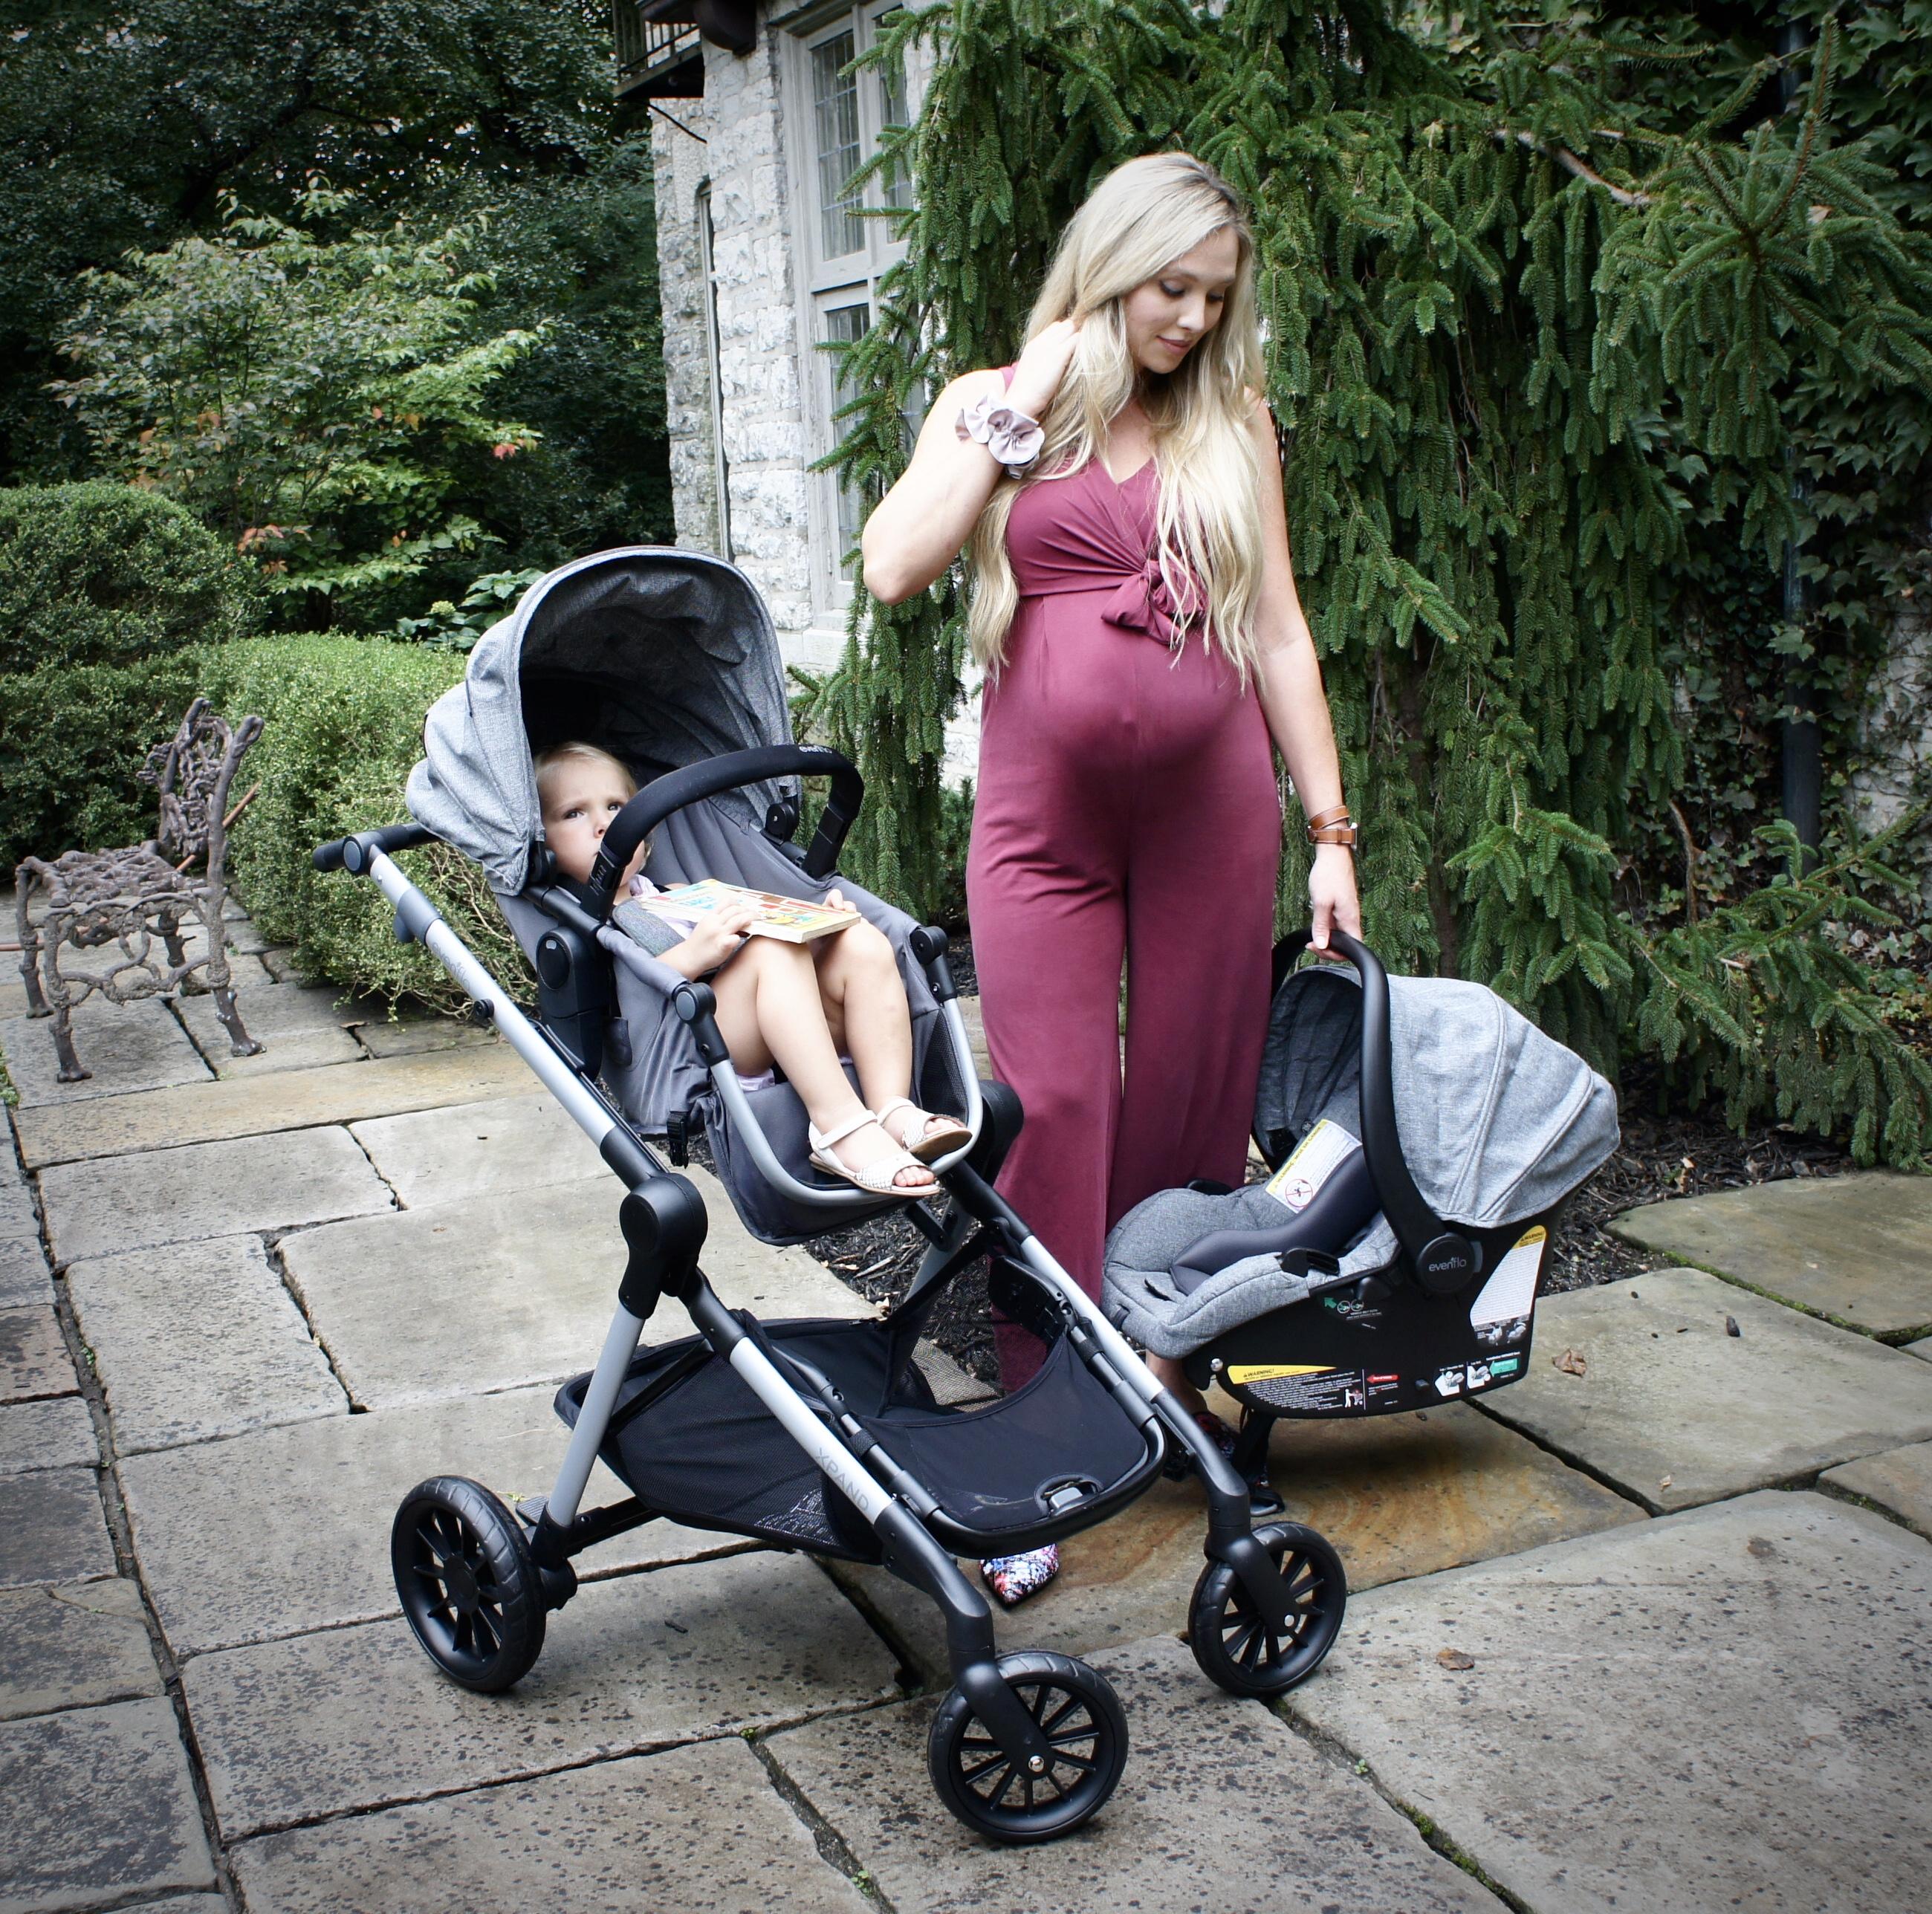 Evenflo Pivot Xpand Stroller fits 2 children